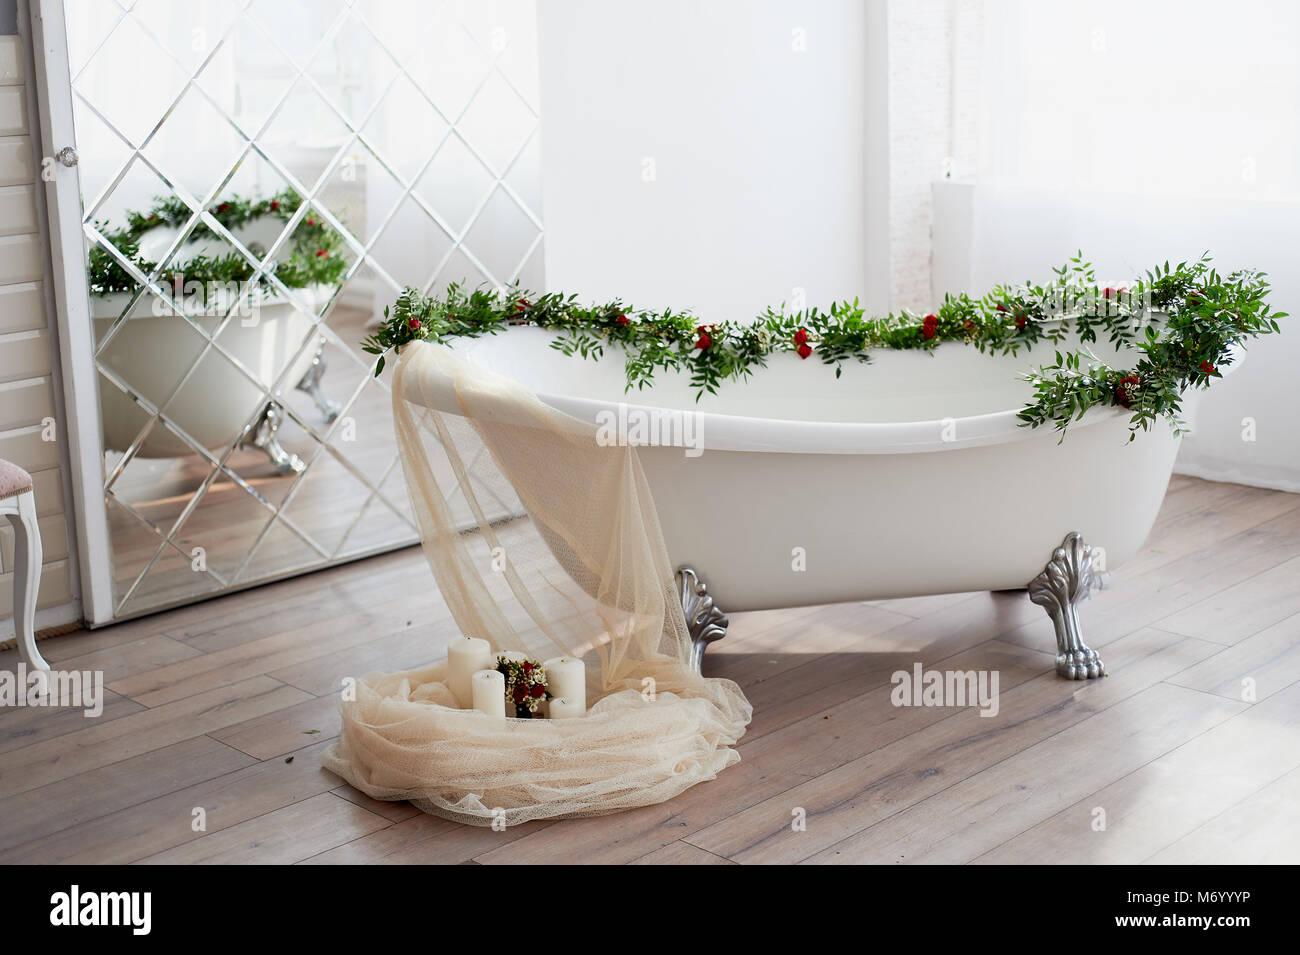 Vasca Da Bagno Con Zampe : Vasca da bagno su lion s zampe e decorata con fiori sul